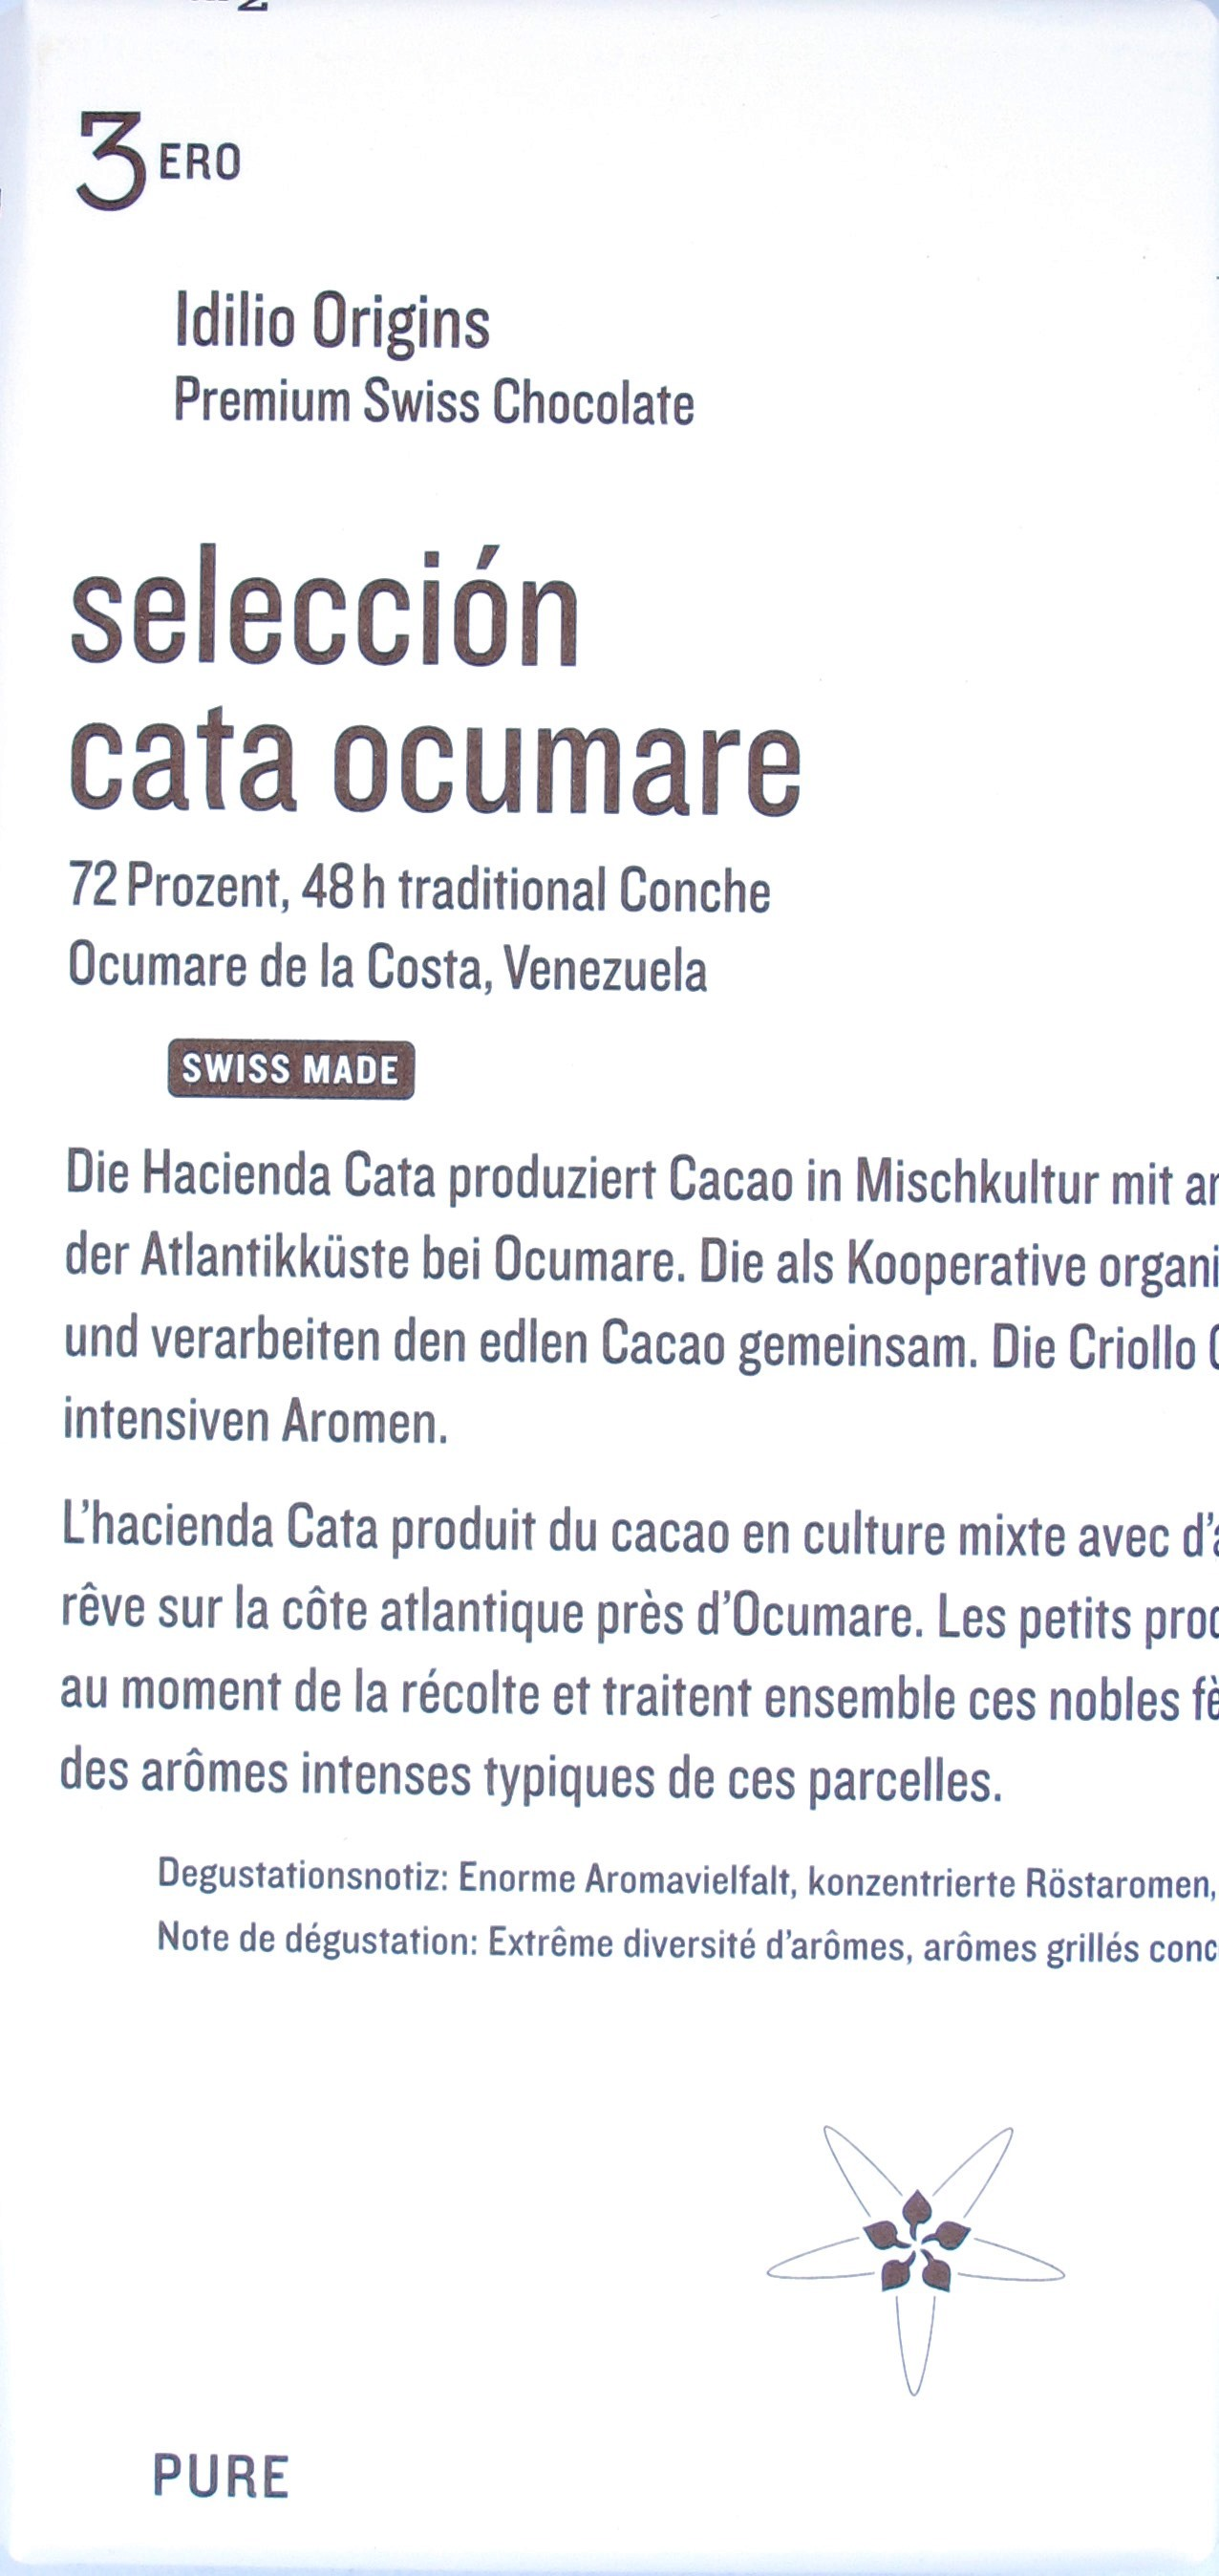 Idilio Venezuela-Bitterschokolade #3 Ocumare